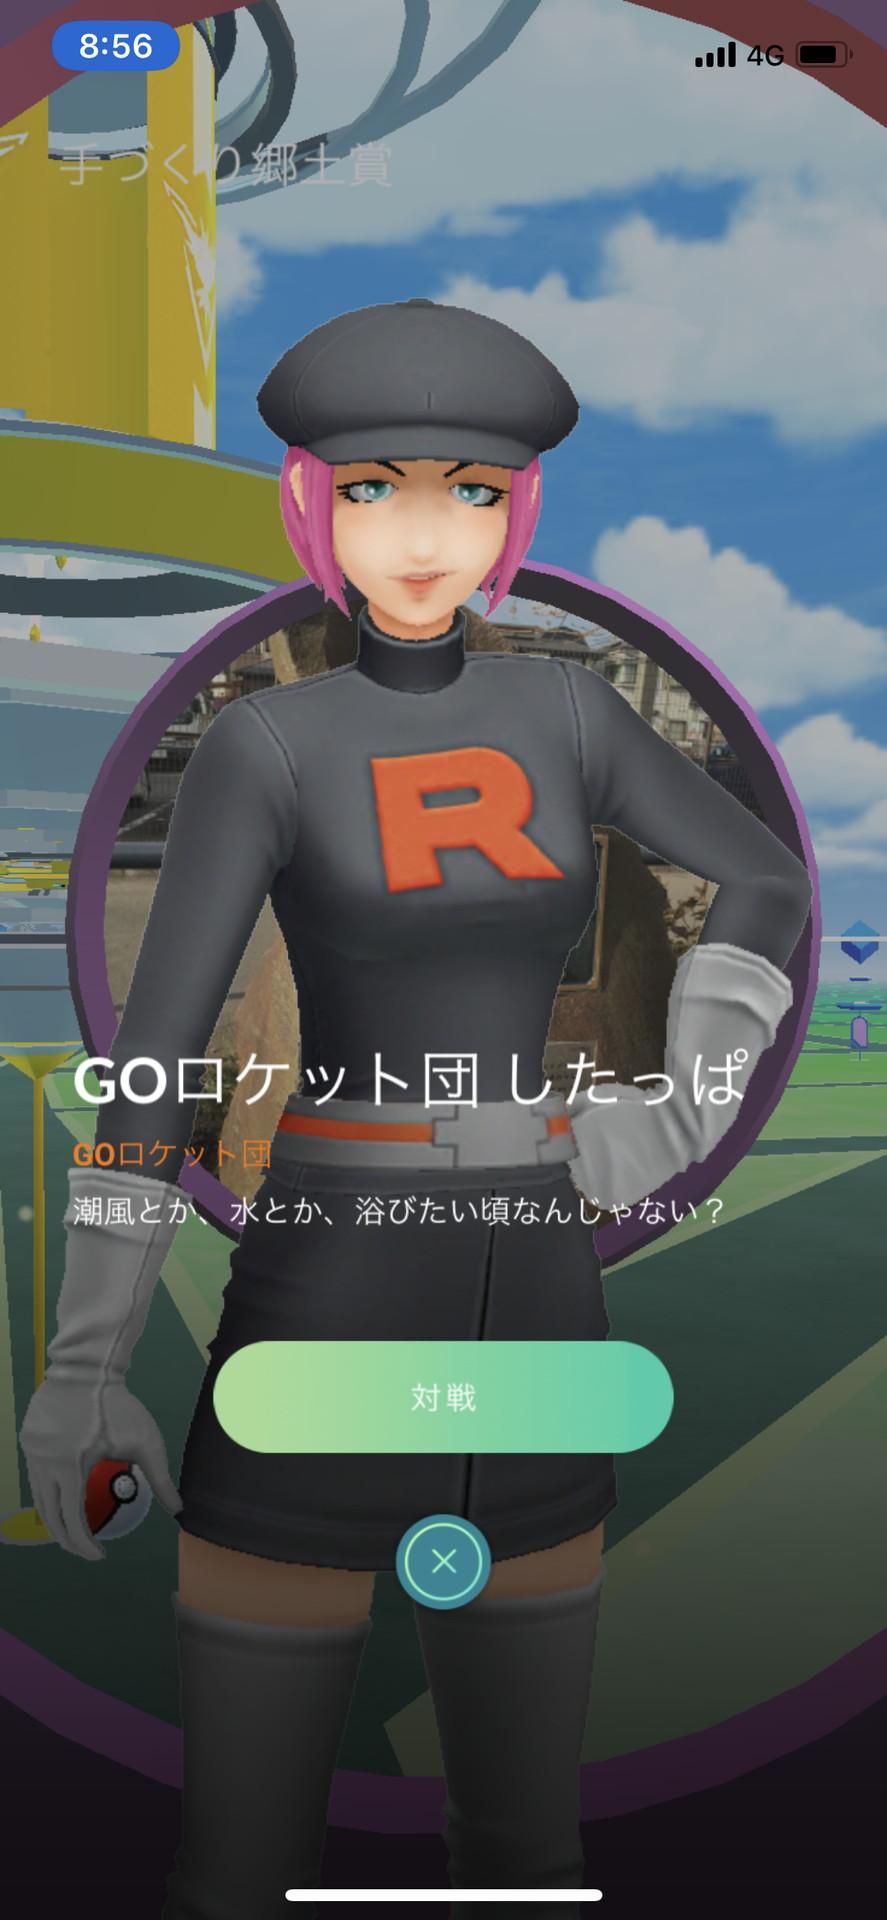 Pokemon GO 「GOロケット団」イベント スクリーンショット 09